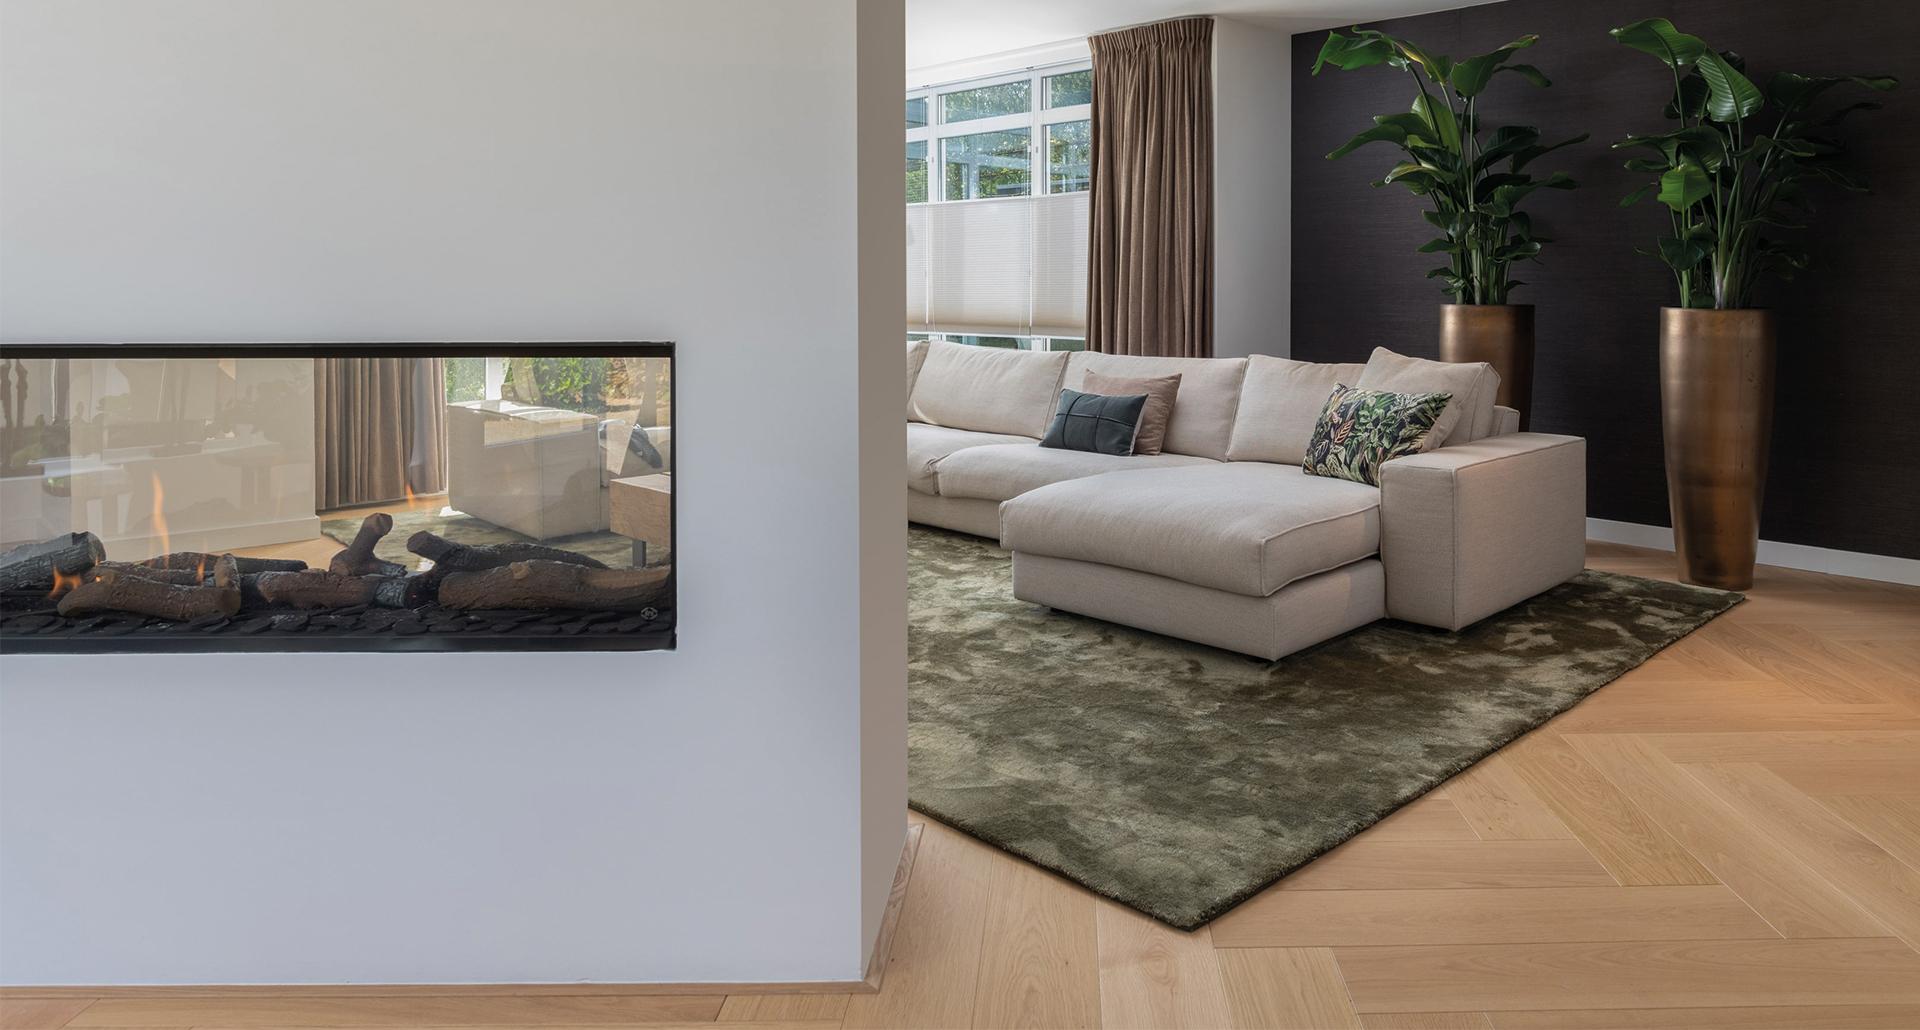 interieurarchitect_mira_ontwerp_huiskamer_persoonlijk_vianen_bank_gashaard_maatwerkmeubels_carpetlinq_thibaut